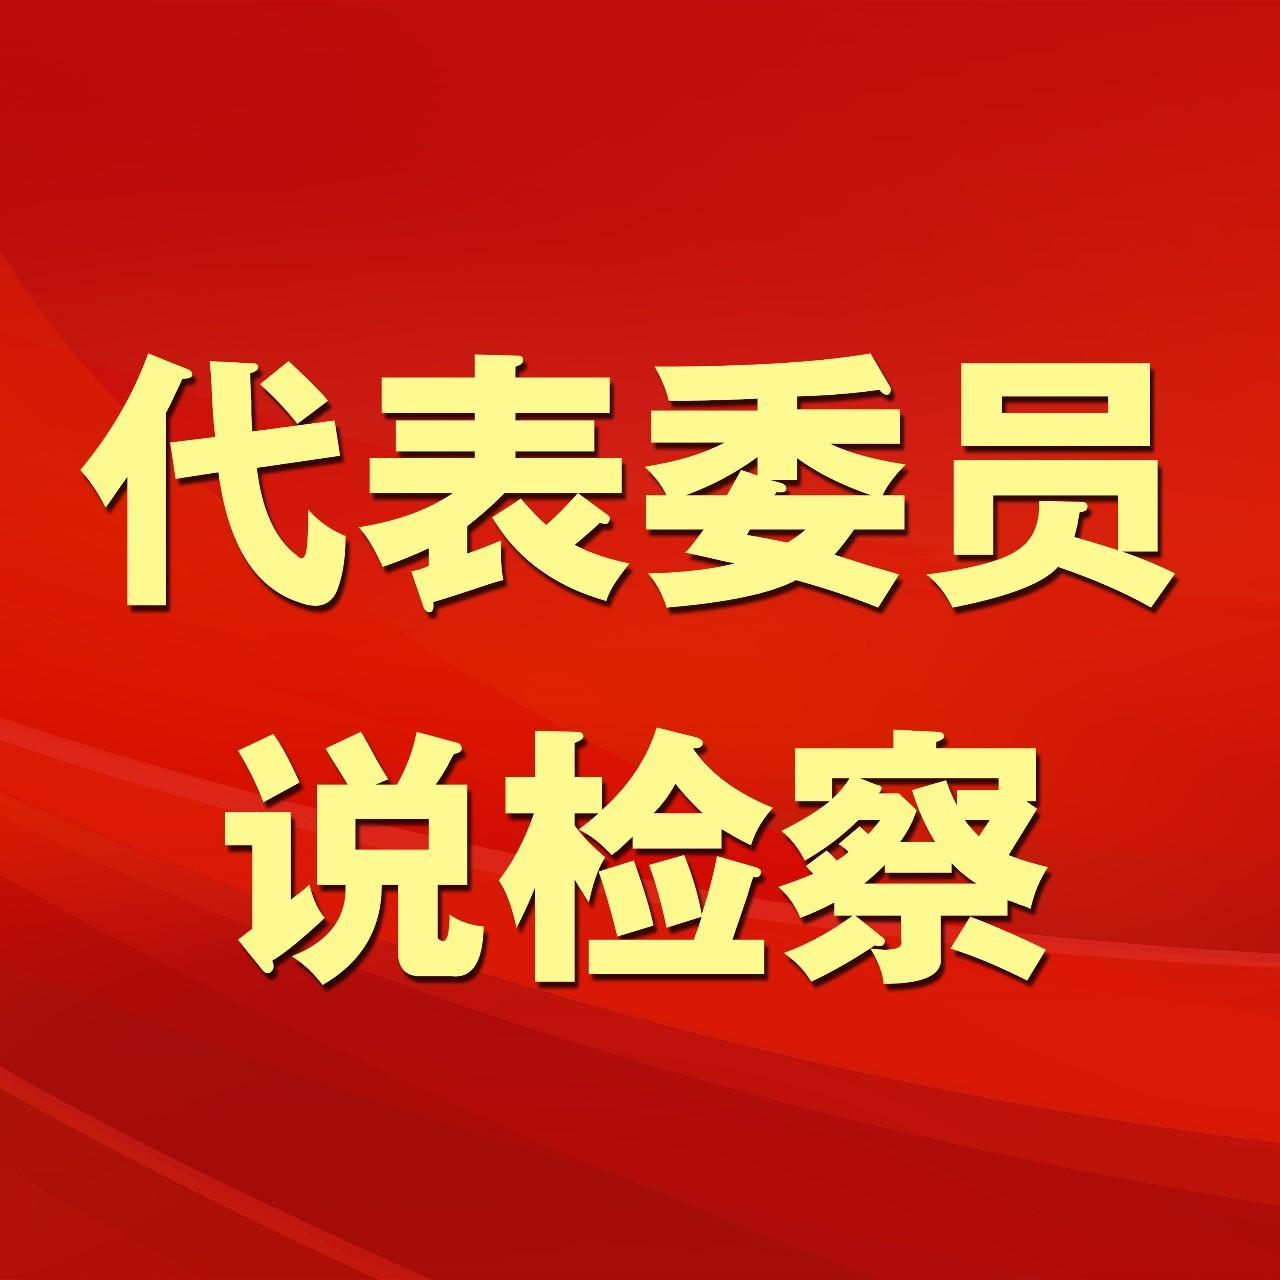 孙艳玲、周淑英、曾云英:加强对非物质文化遗产的司法保护